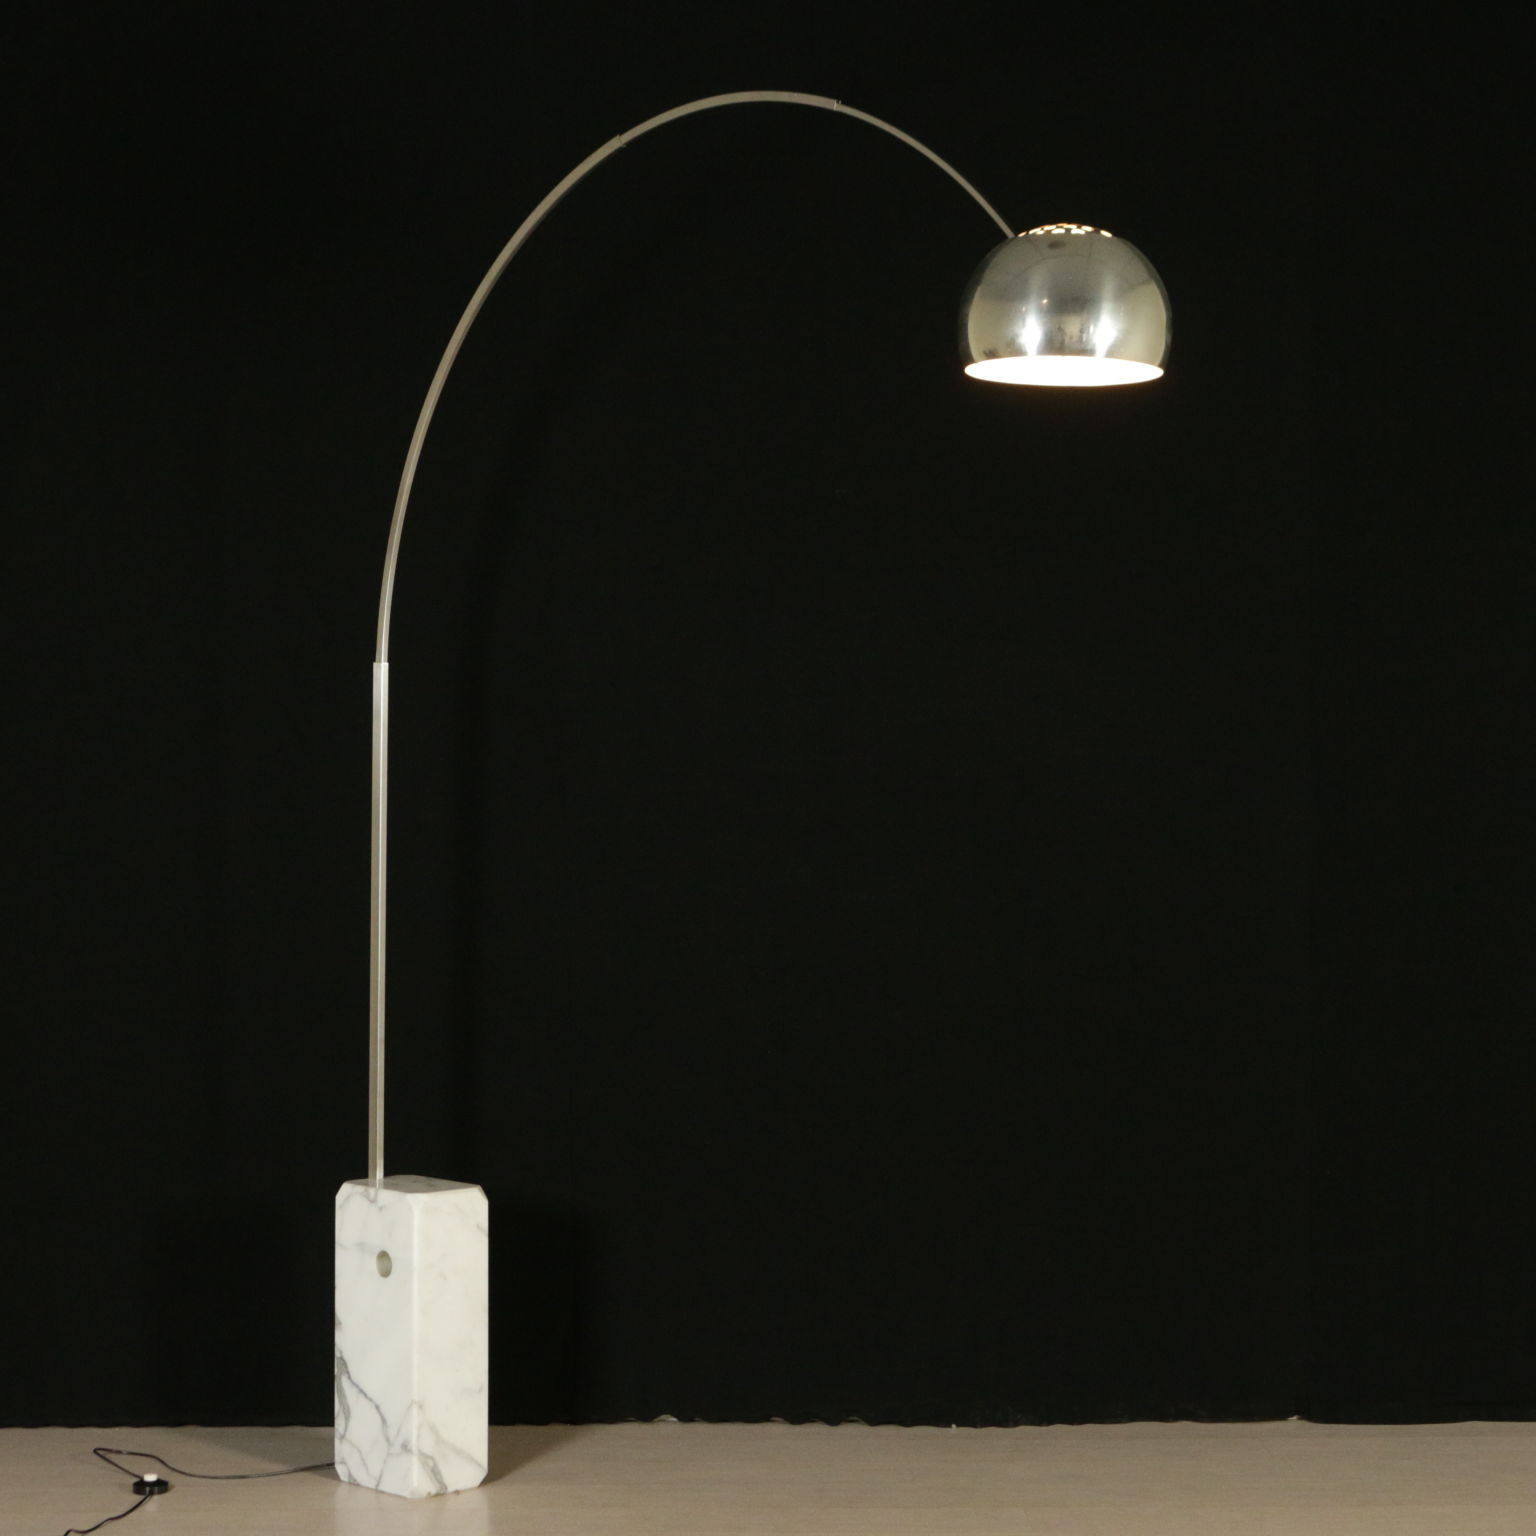 Lampada Arco Illuminazione Modernariato Dimanoinmano It